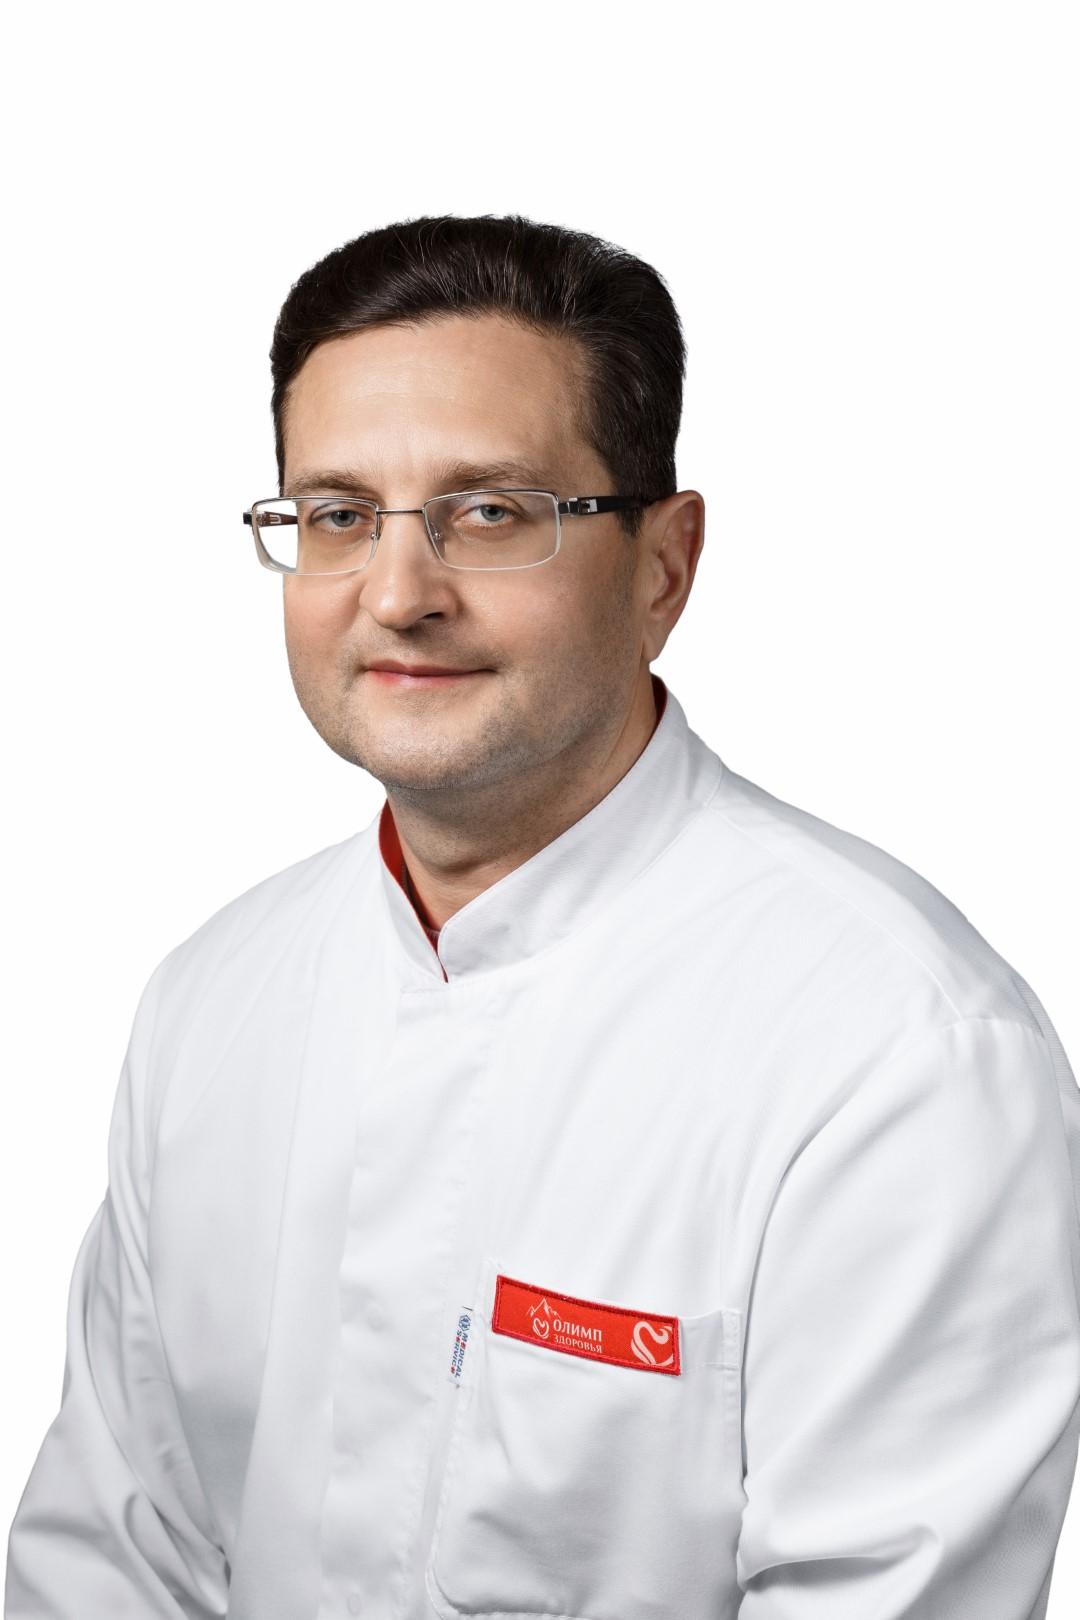 Мадыкин Юрий Юрьевич